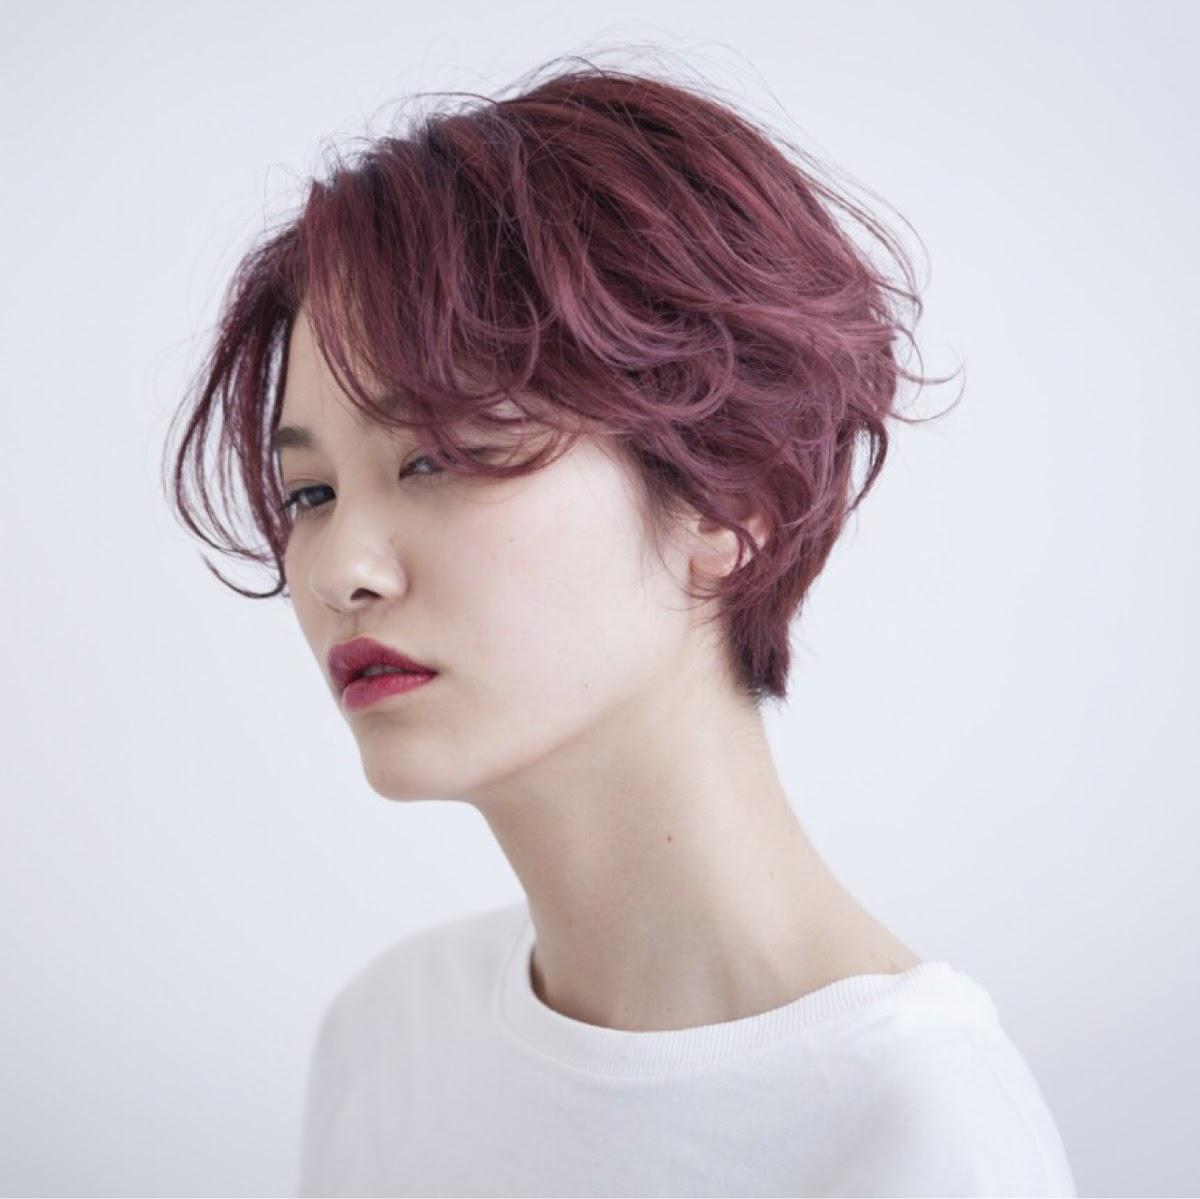 ピンクアッシュで色っぽくて女性らしいヘアスタイルまとめ Trill